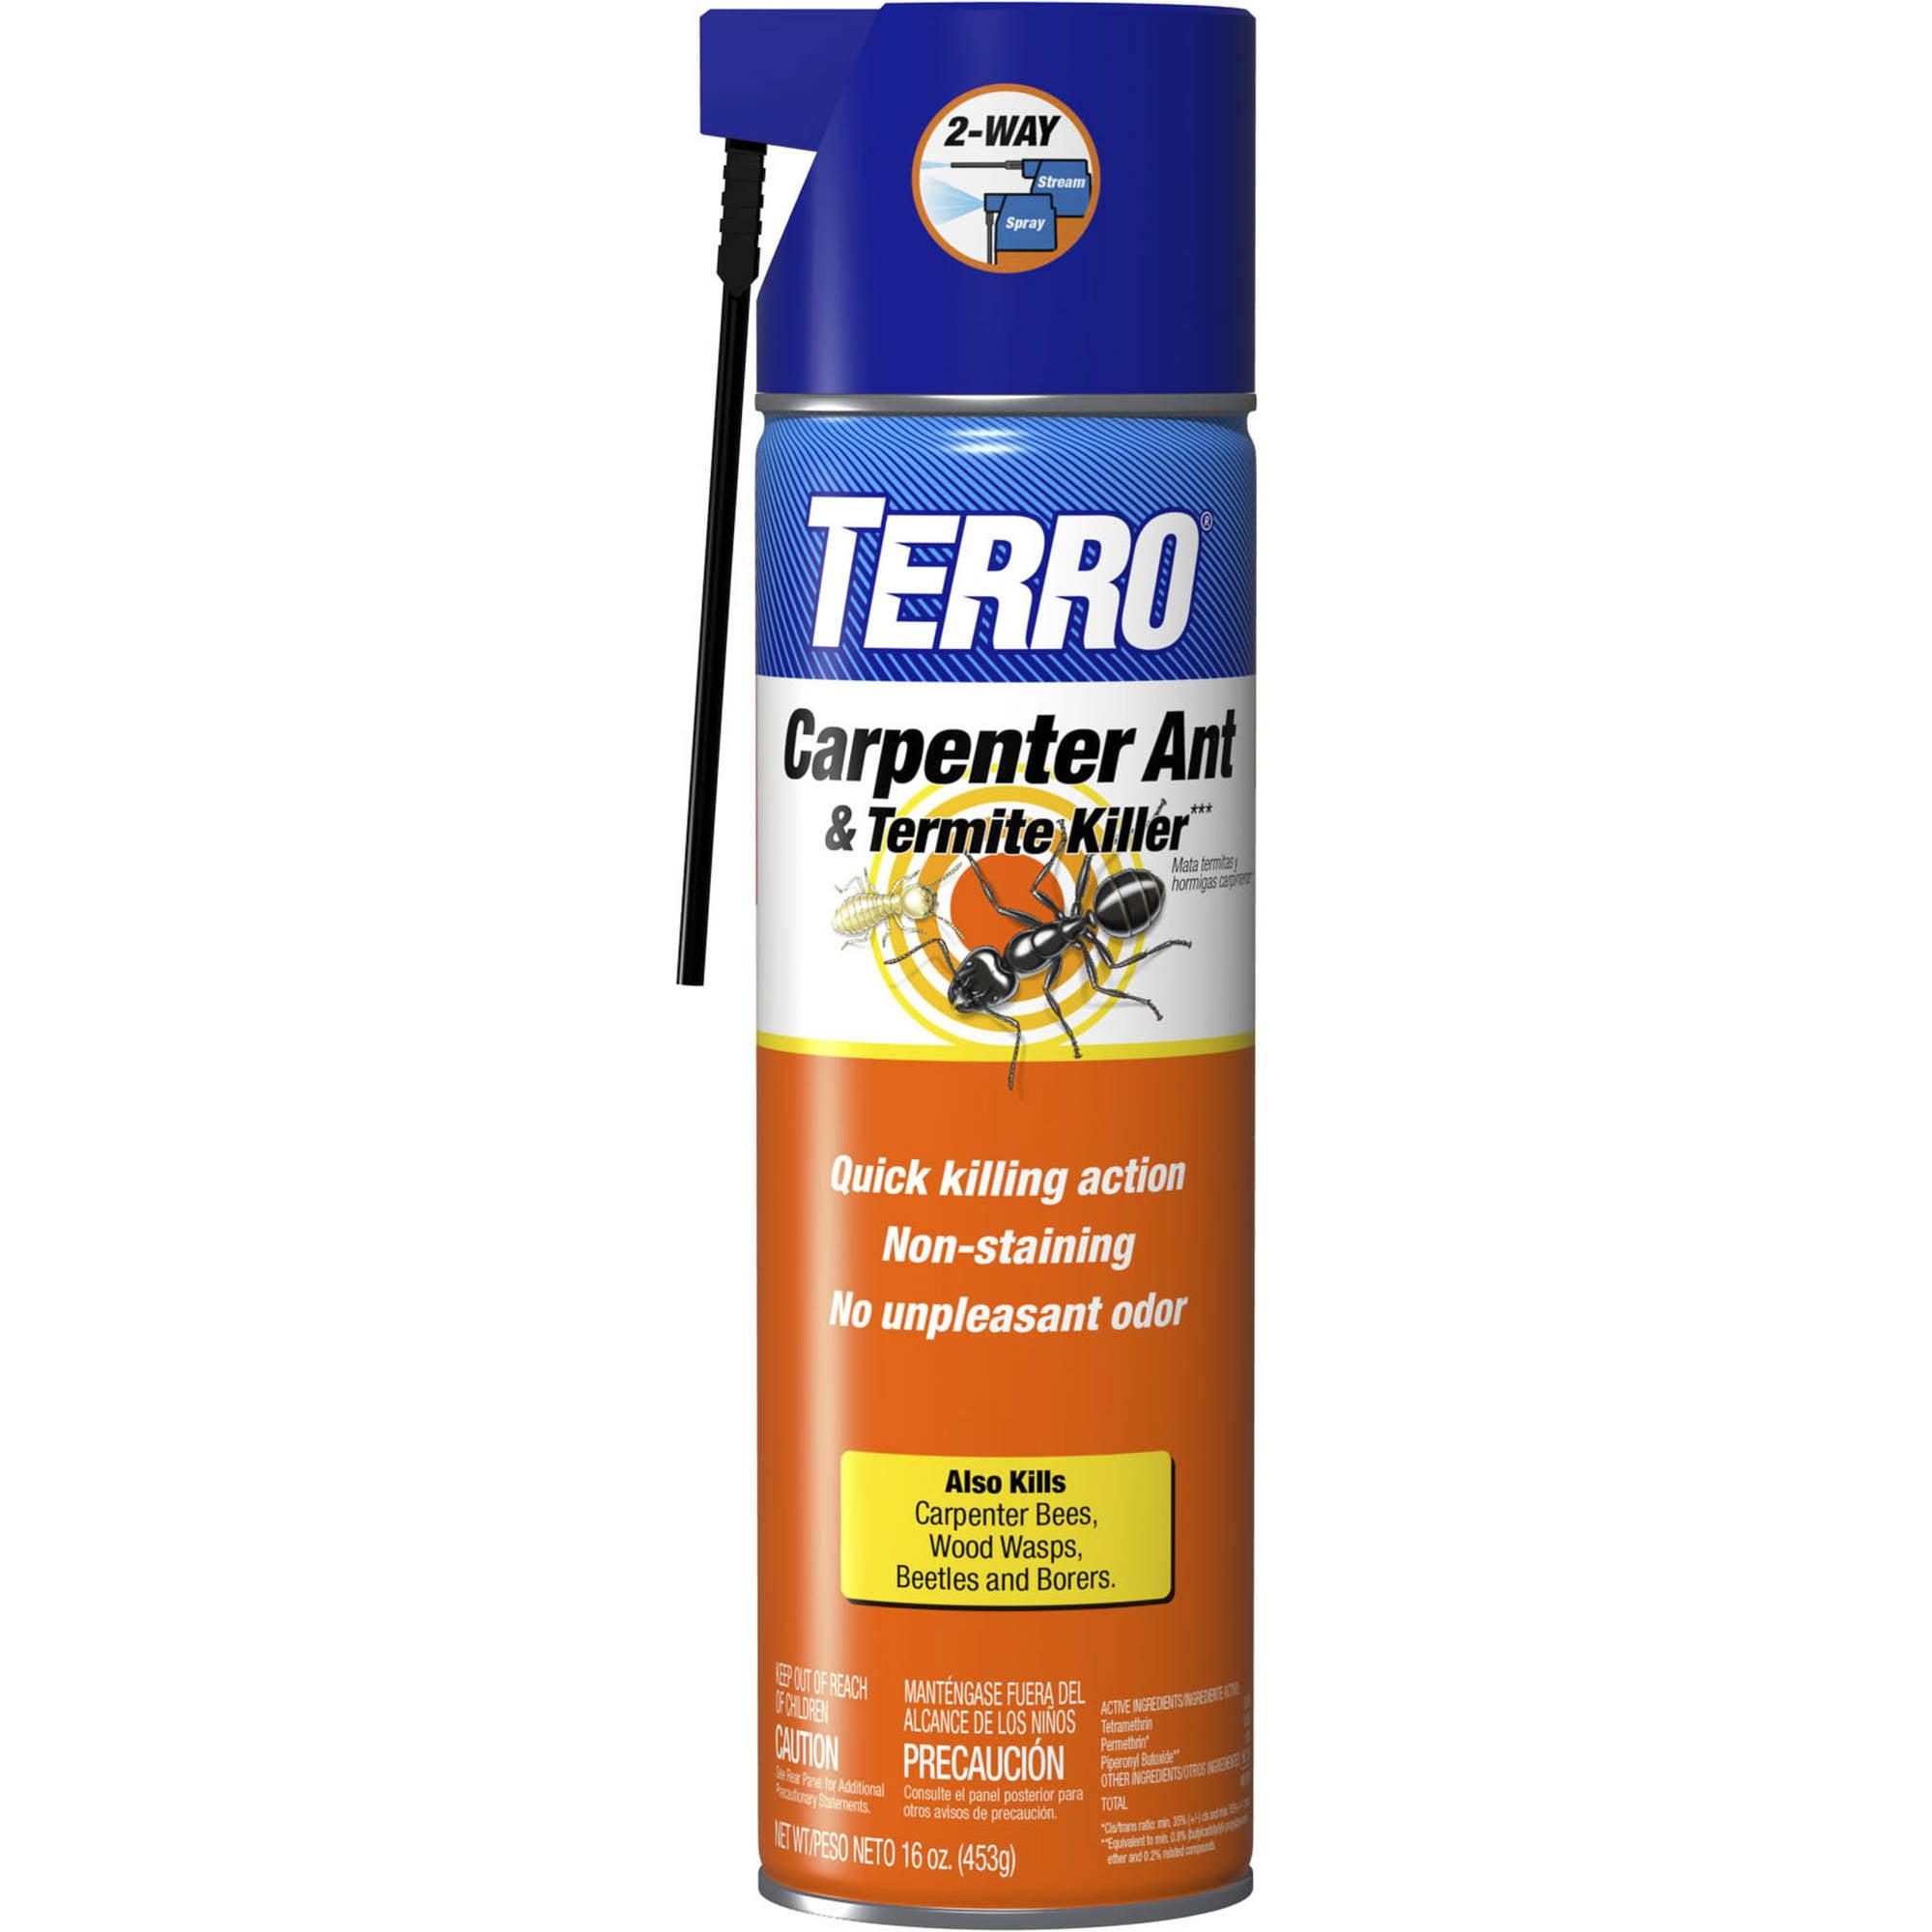 TERRO Carpenter Ant and Termite Killer Aerosol